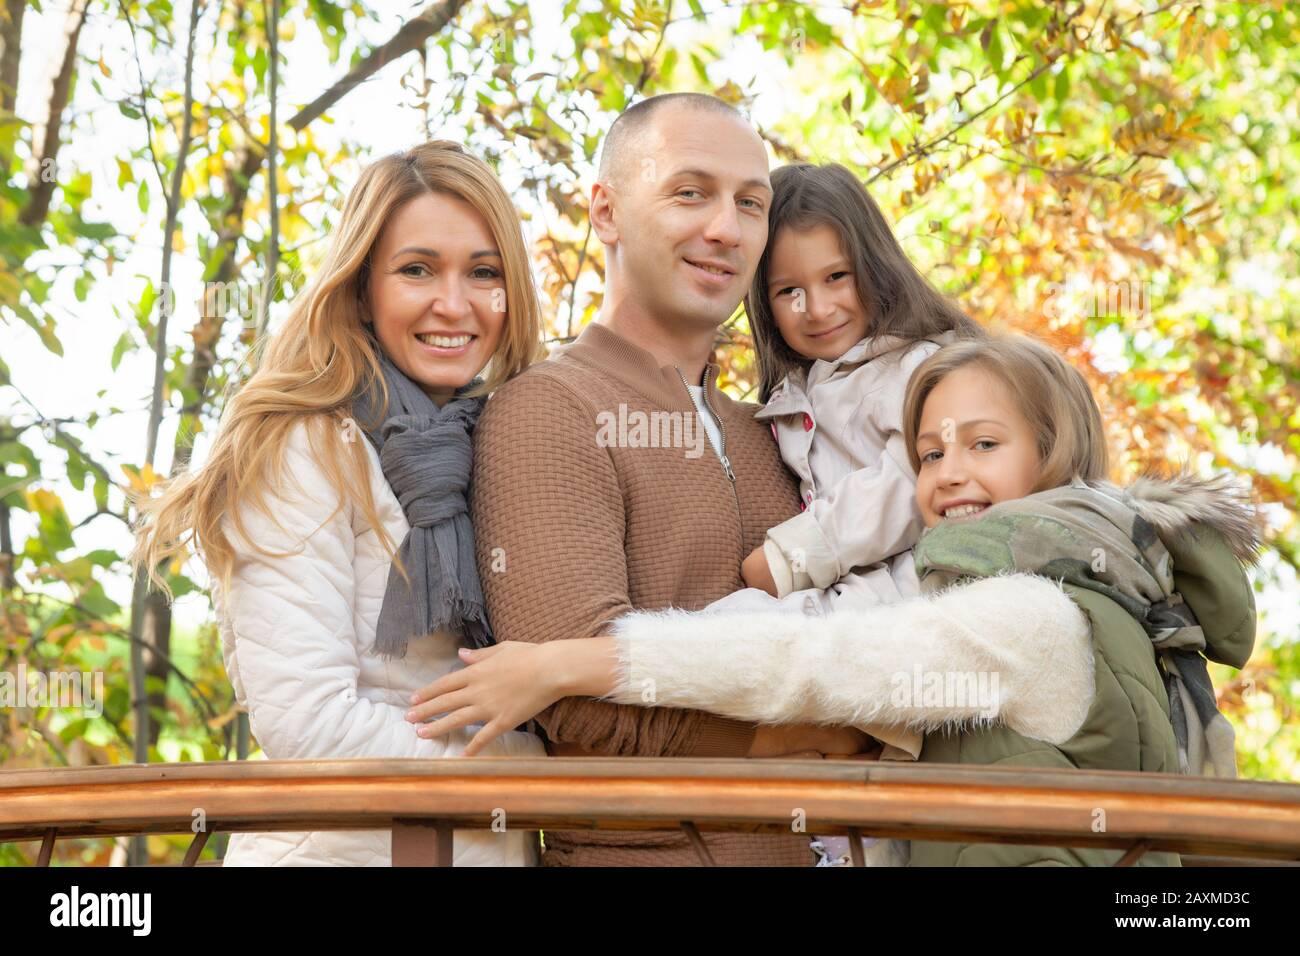 Famille heureuse, femme, mari, filles, marcher avec les enfants sur le pont, jouer dans le parc d'automne, s'amuser dans la forêt, se détendre à l'extérieur. Amusant, enfant Banque D'Images